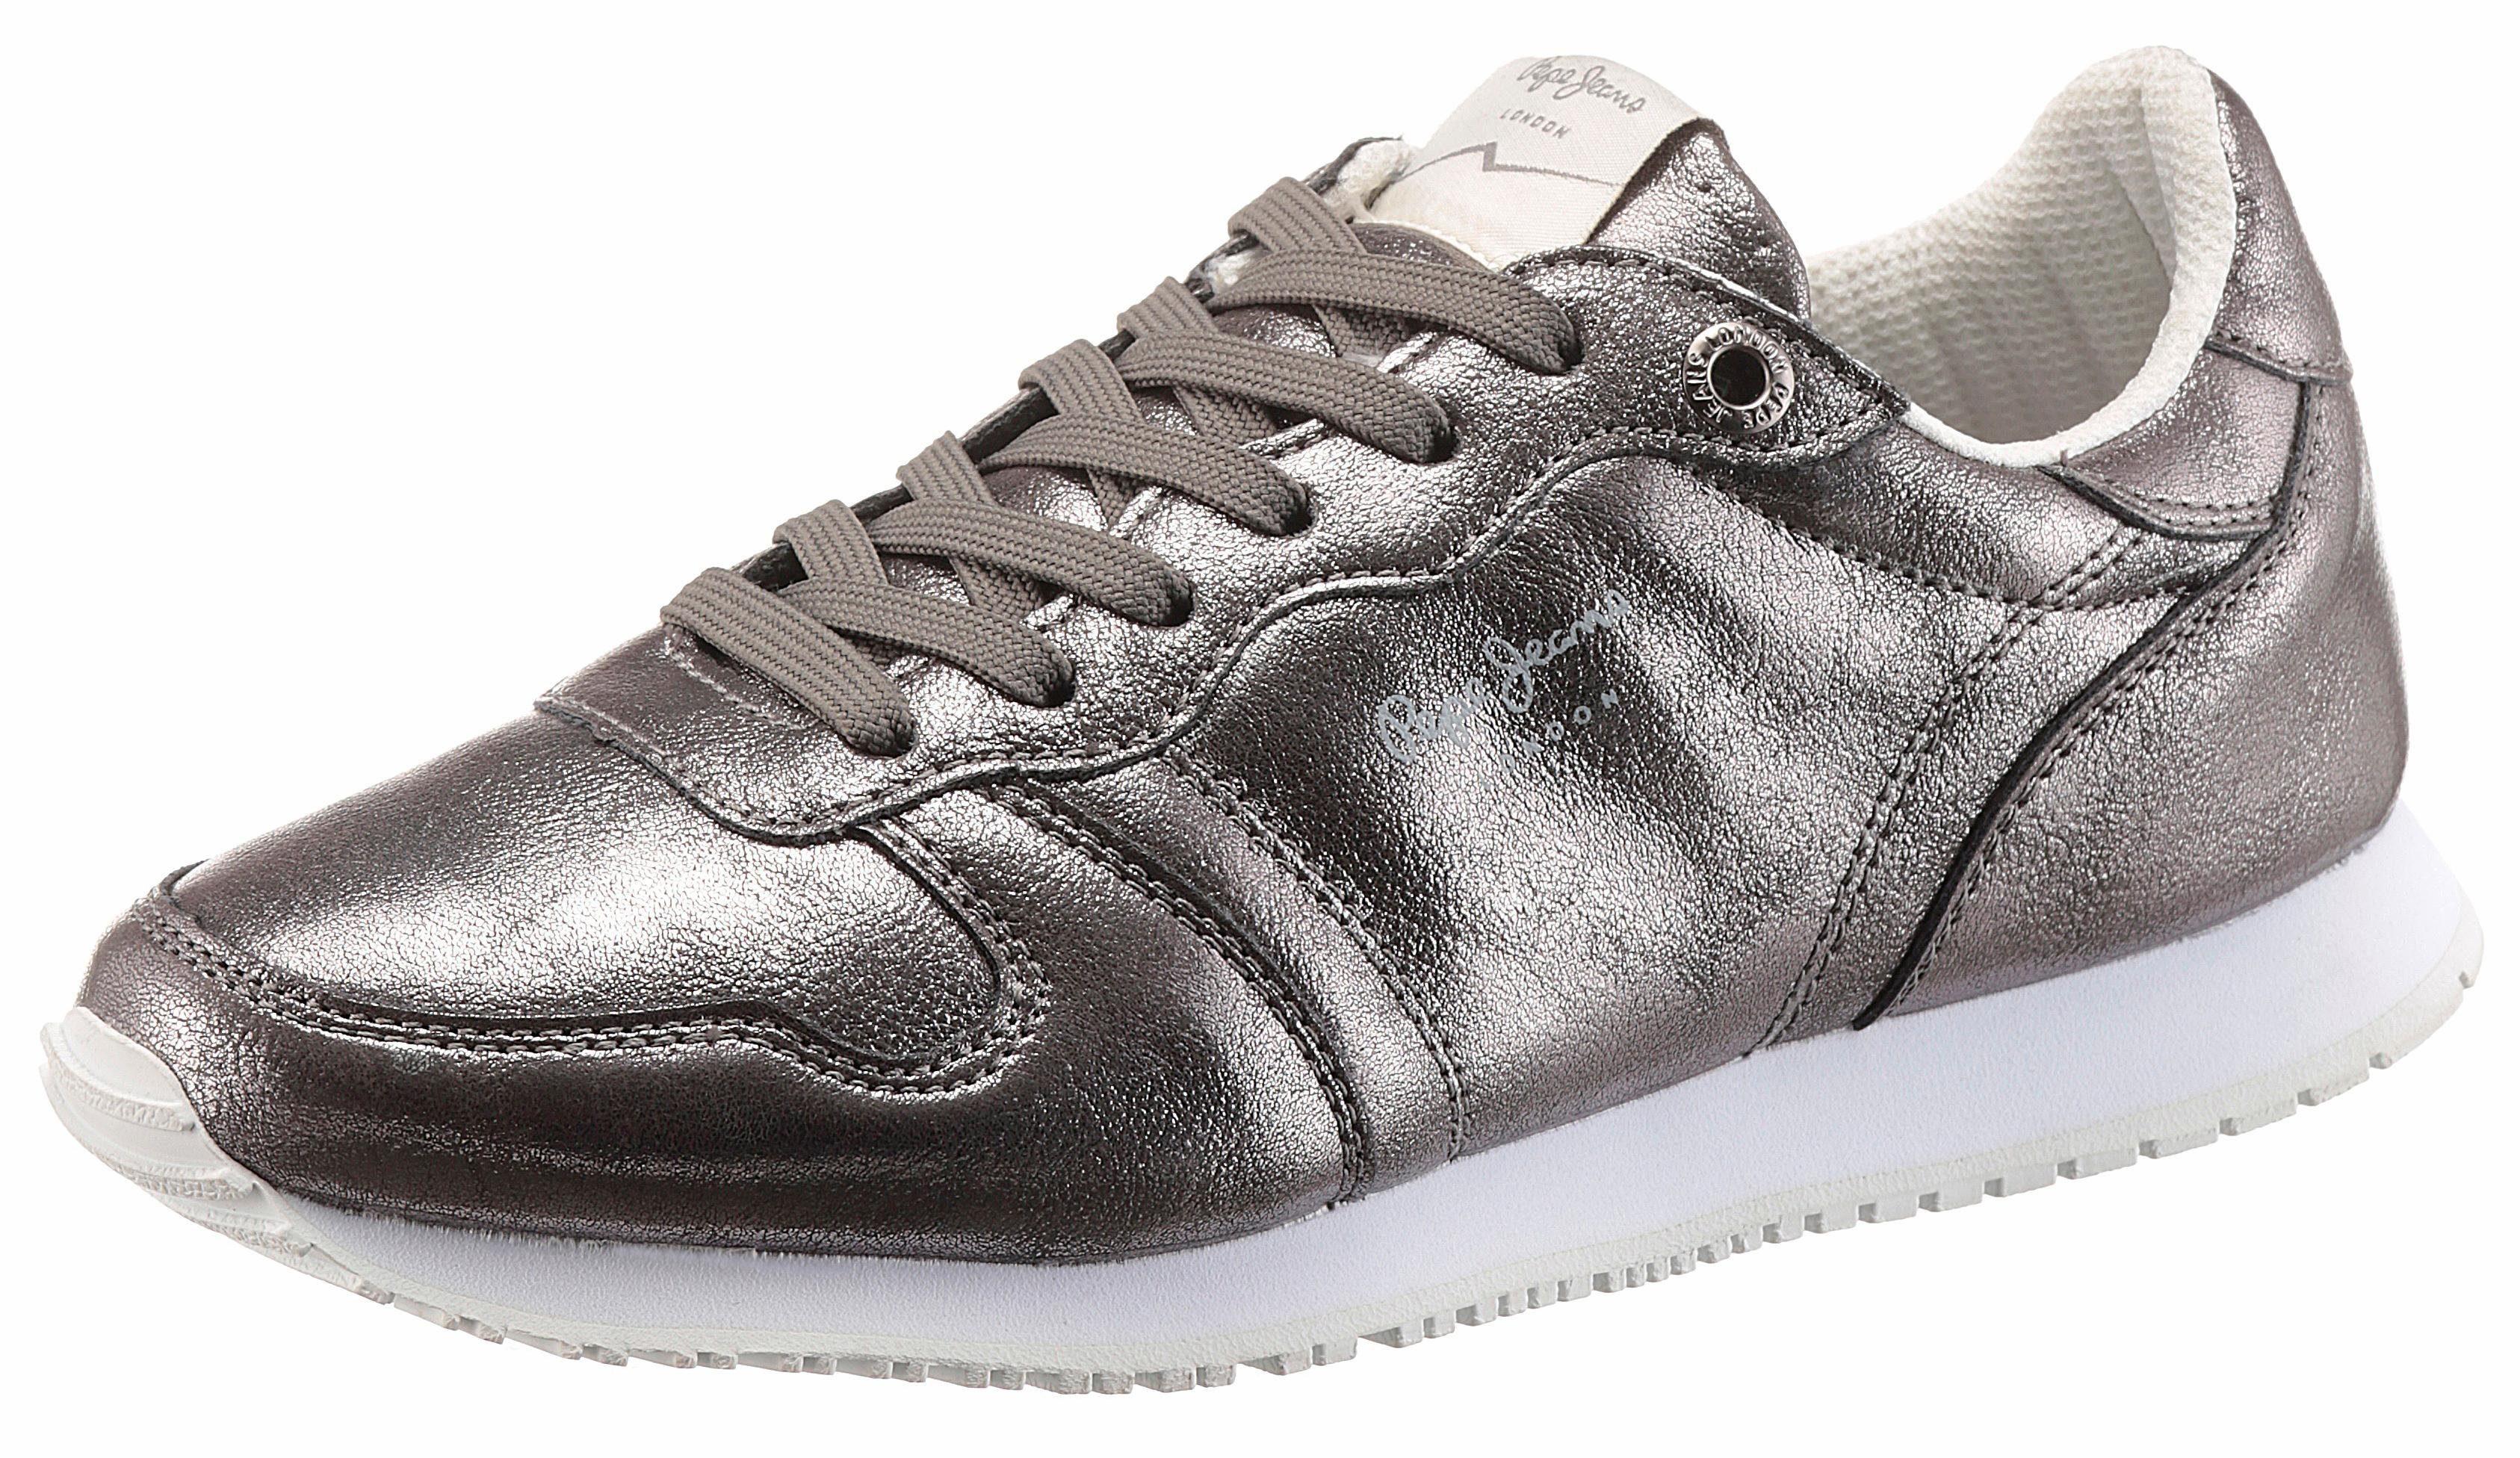 Pepe Jeans Gable Plain Sneaker, im trendigen Metallic-Look online kaufen  grau